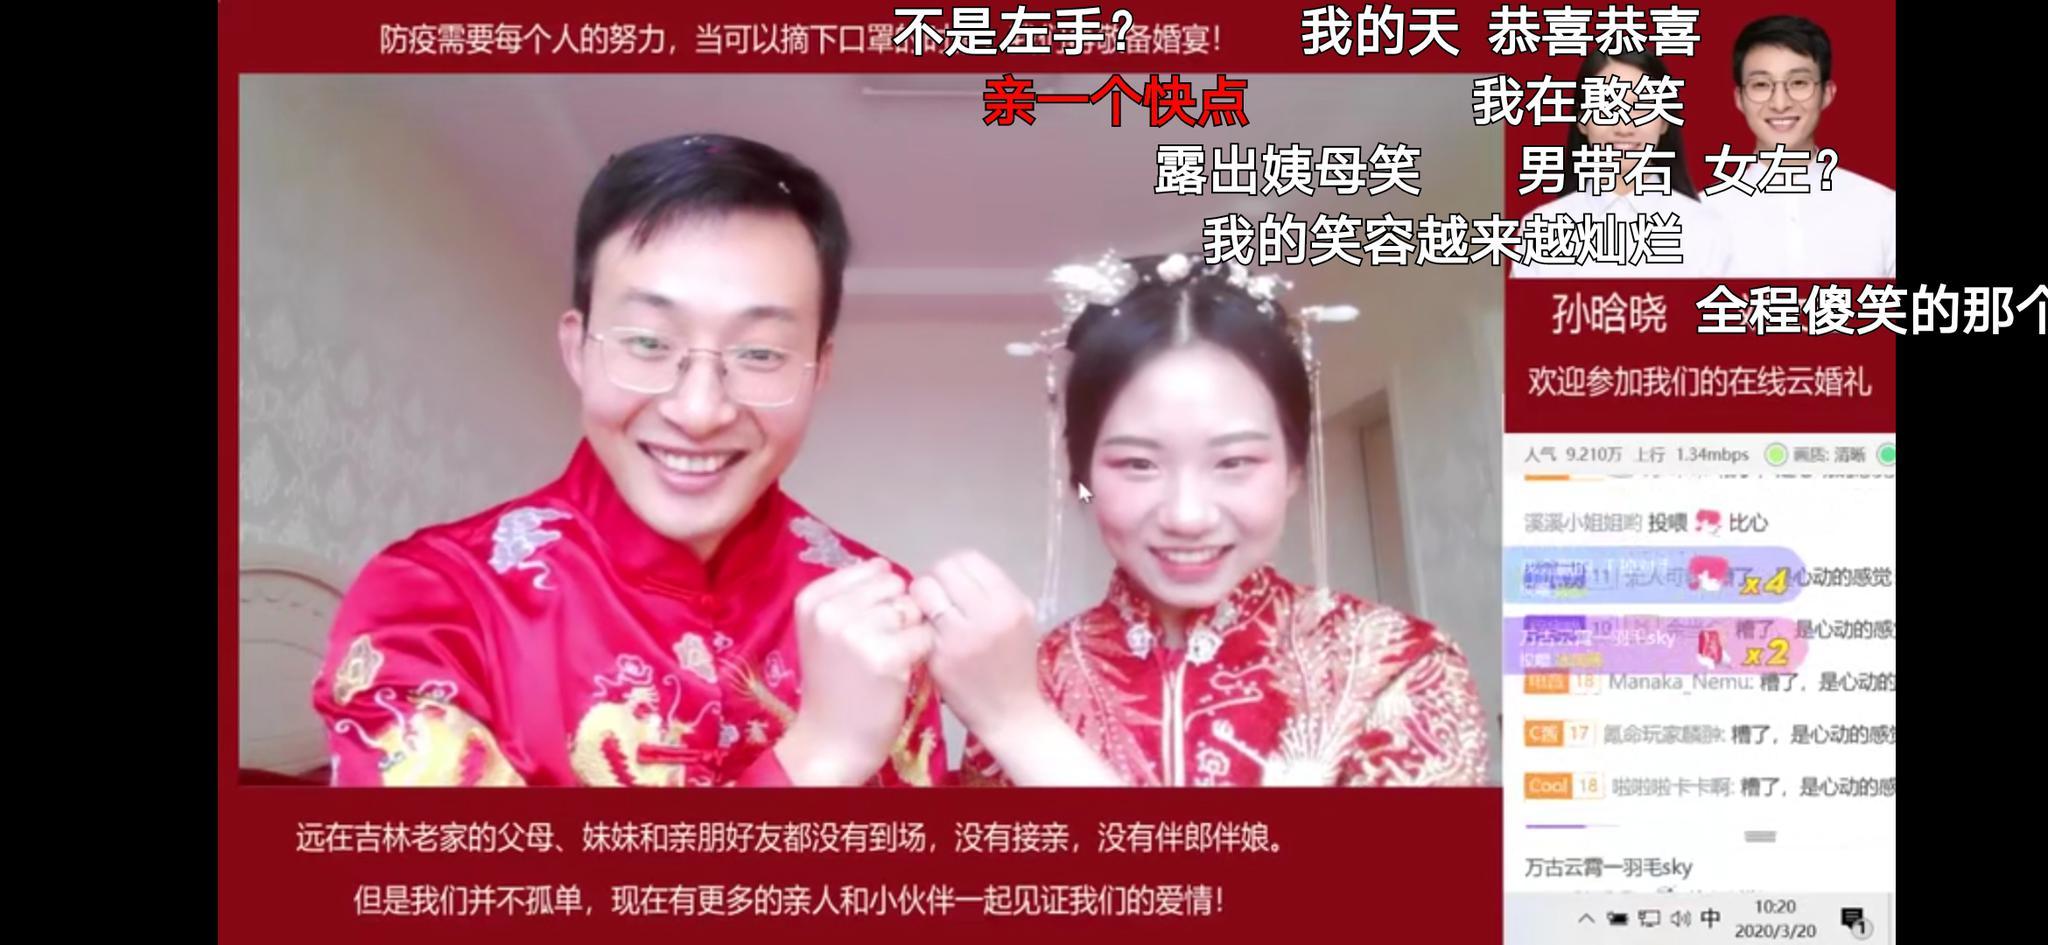 交换戒指后,刘文超和孙晗晓在直播镜头前甜蜜展示。视频截图